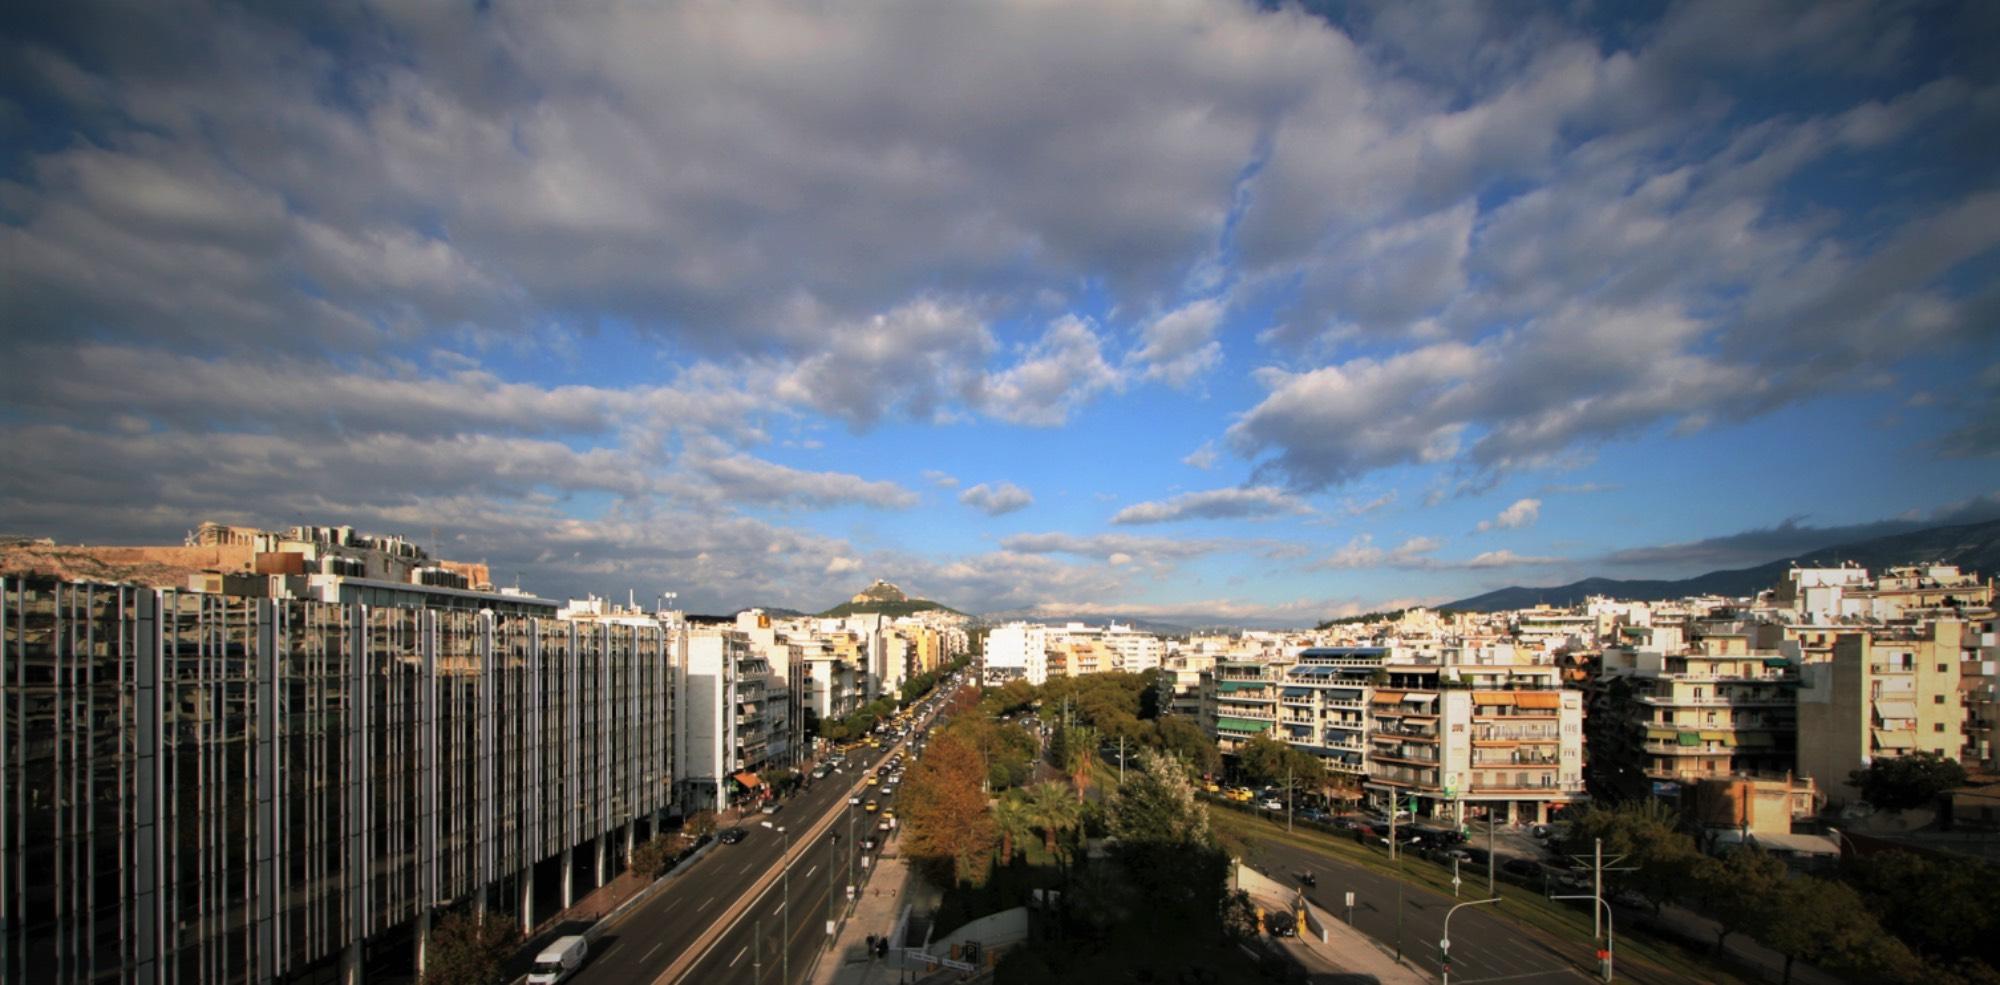 Πόσο ψηλά τα κτίρια στην Αθήνα;